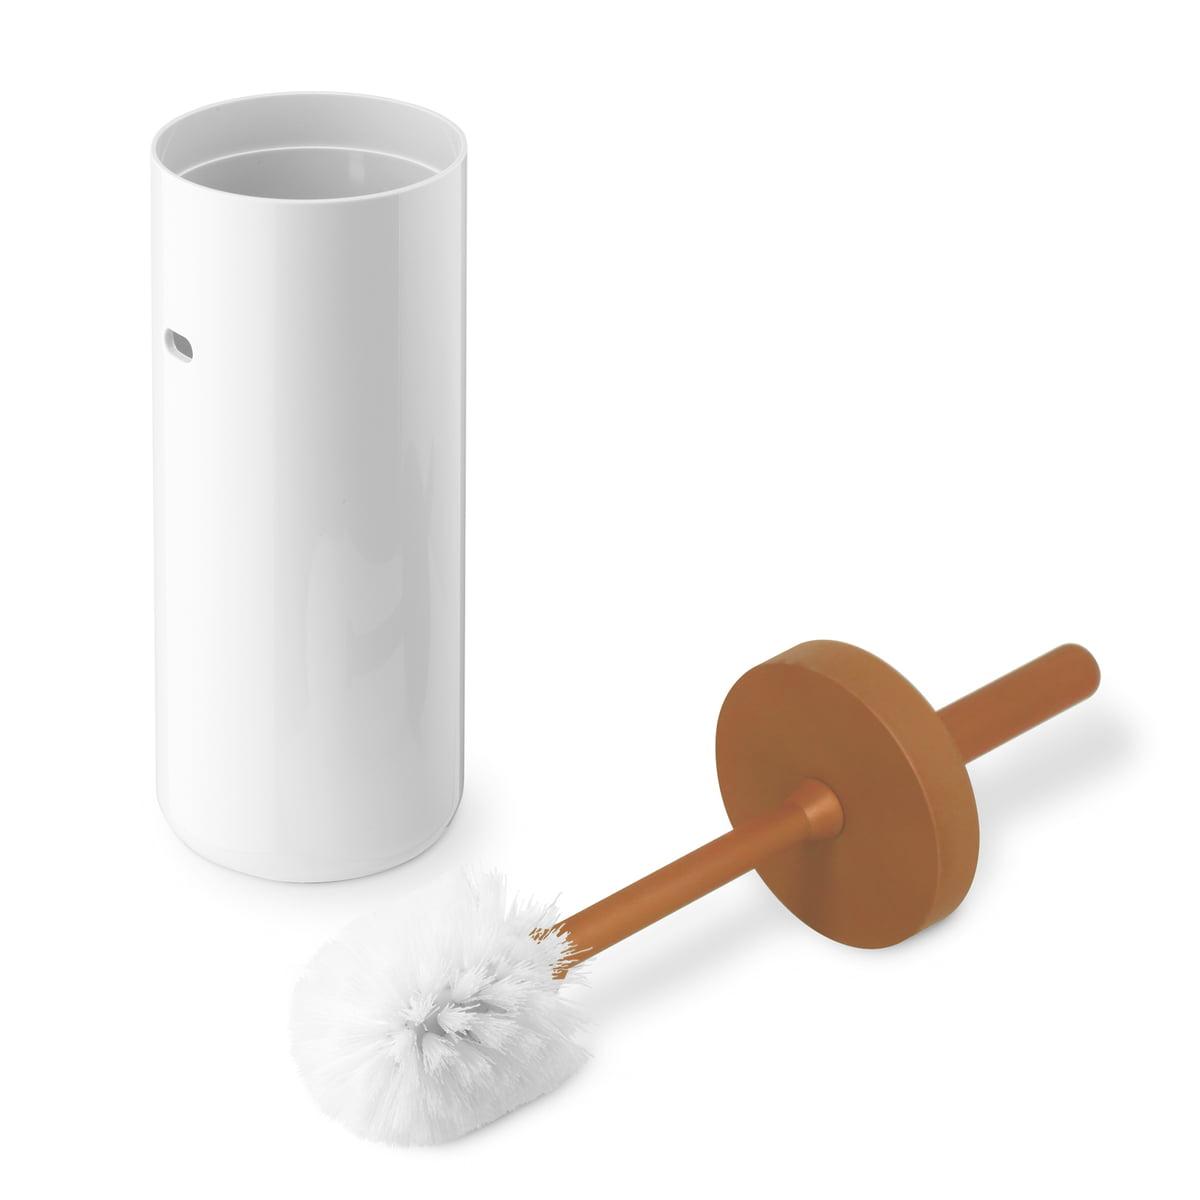 Lunar WC-Bürste kupfer